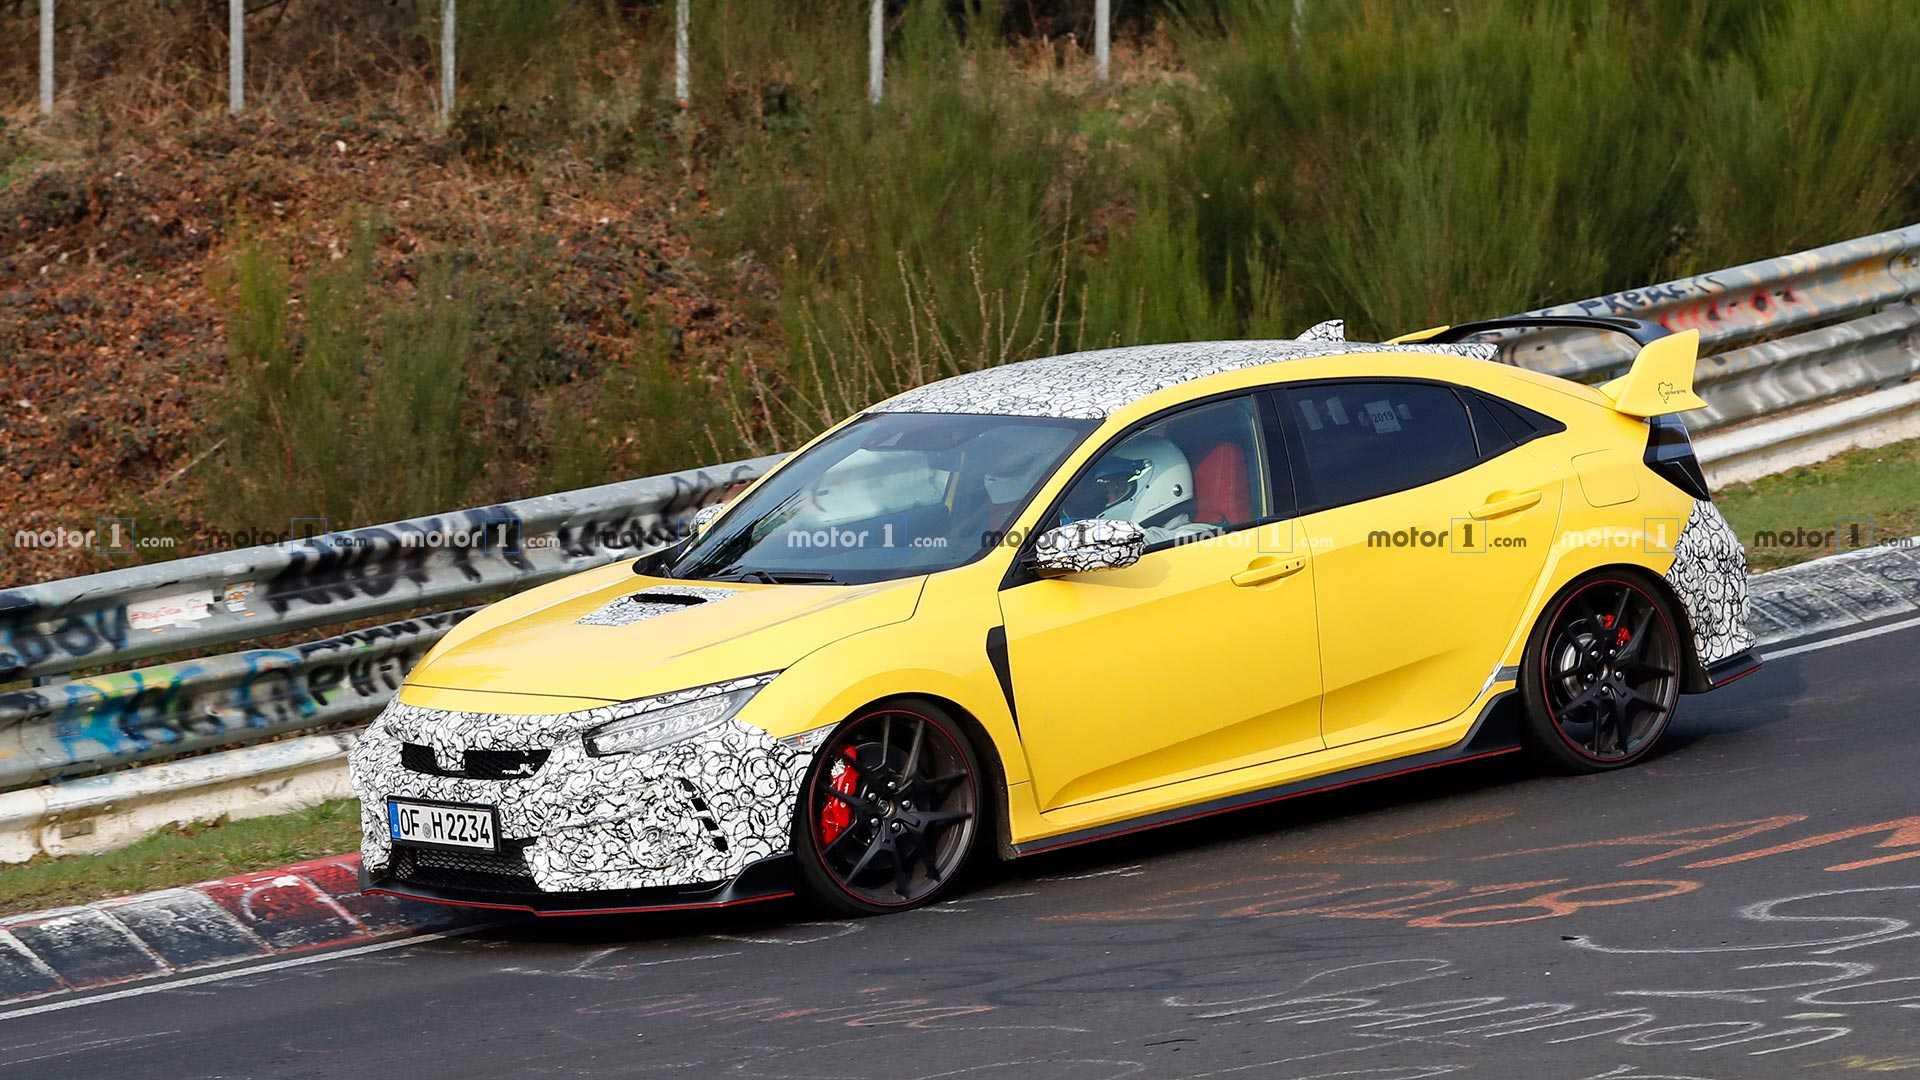 Загадочные прототипы Honda Civic Type R появились на «Нордшляйфе» 2